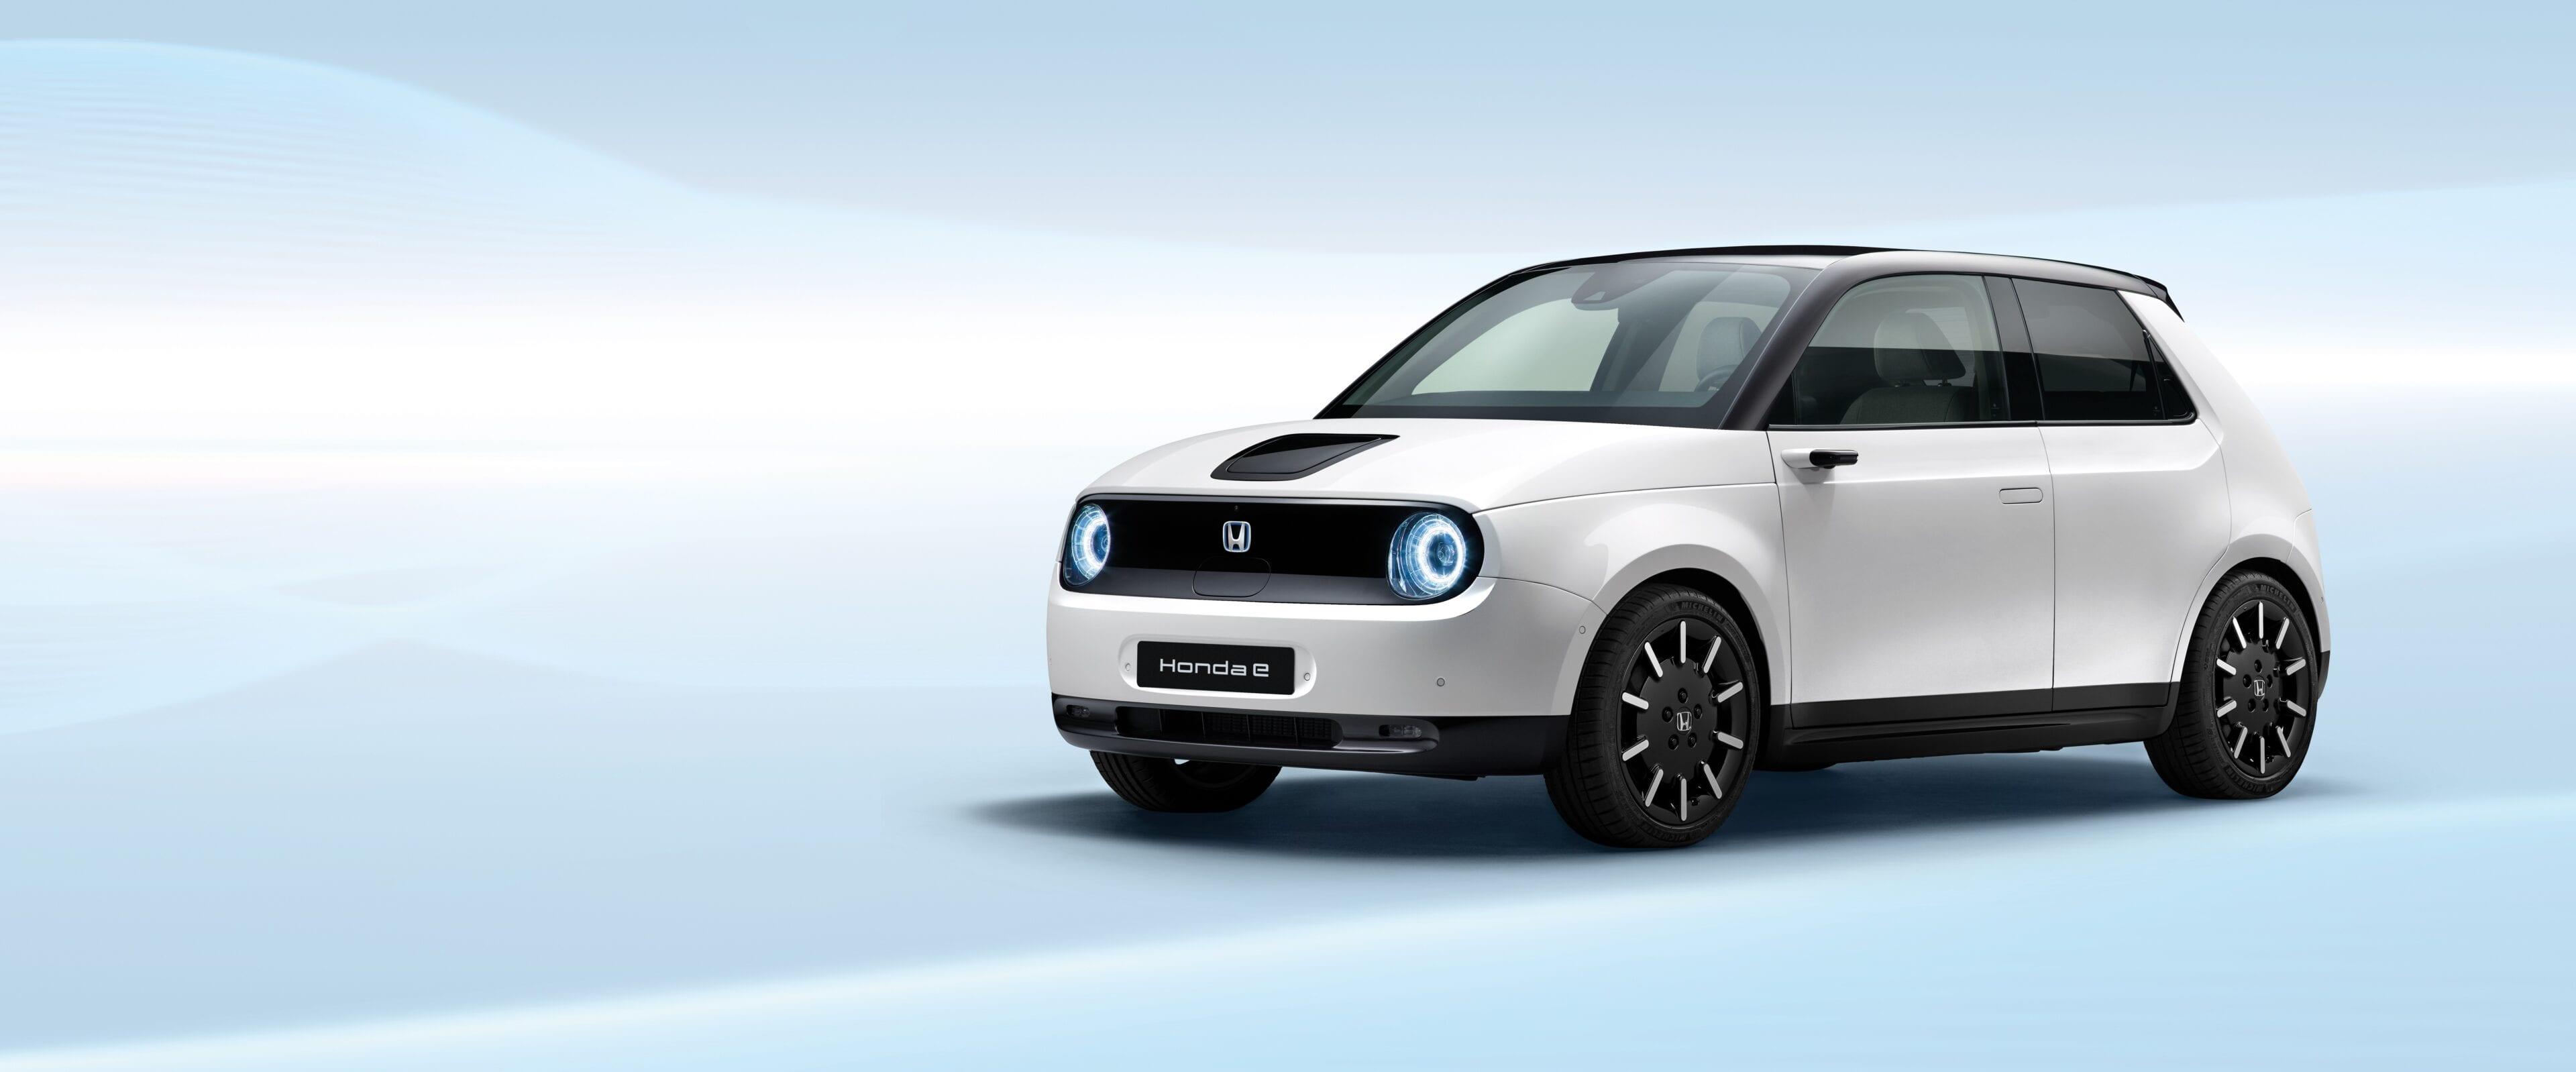 Test zelf de volledig elektrische Honda e